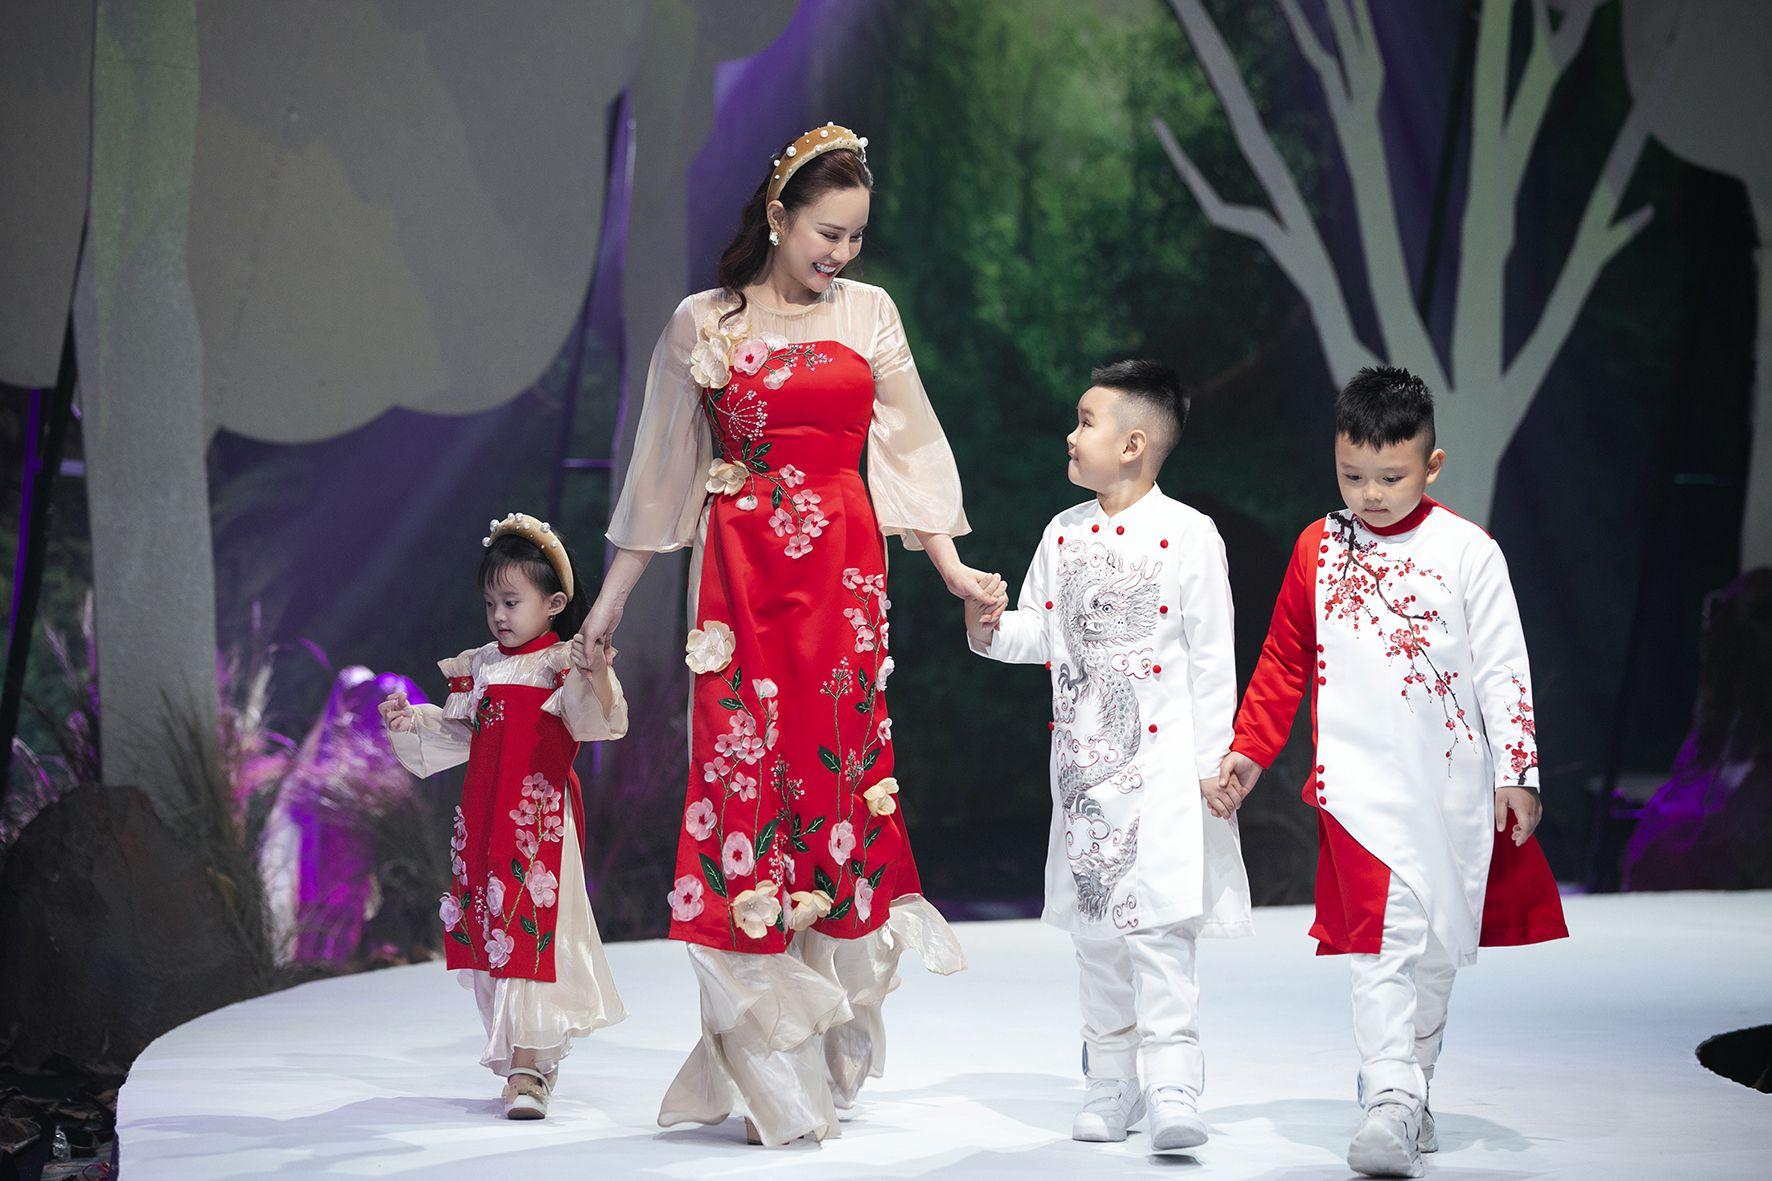 """Lần đầu tiên đưa """"quý tử"""" lên sàn catwalk, vợ chồng Lương Thế Thành - Trúc Diễm khép lại Tuần lễ thời trang trẻ em 2020 - Ảnh 9."""